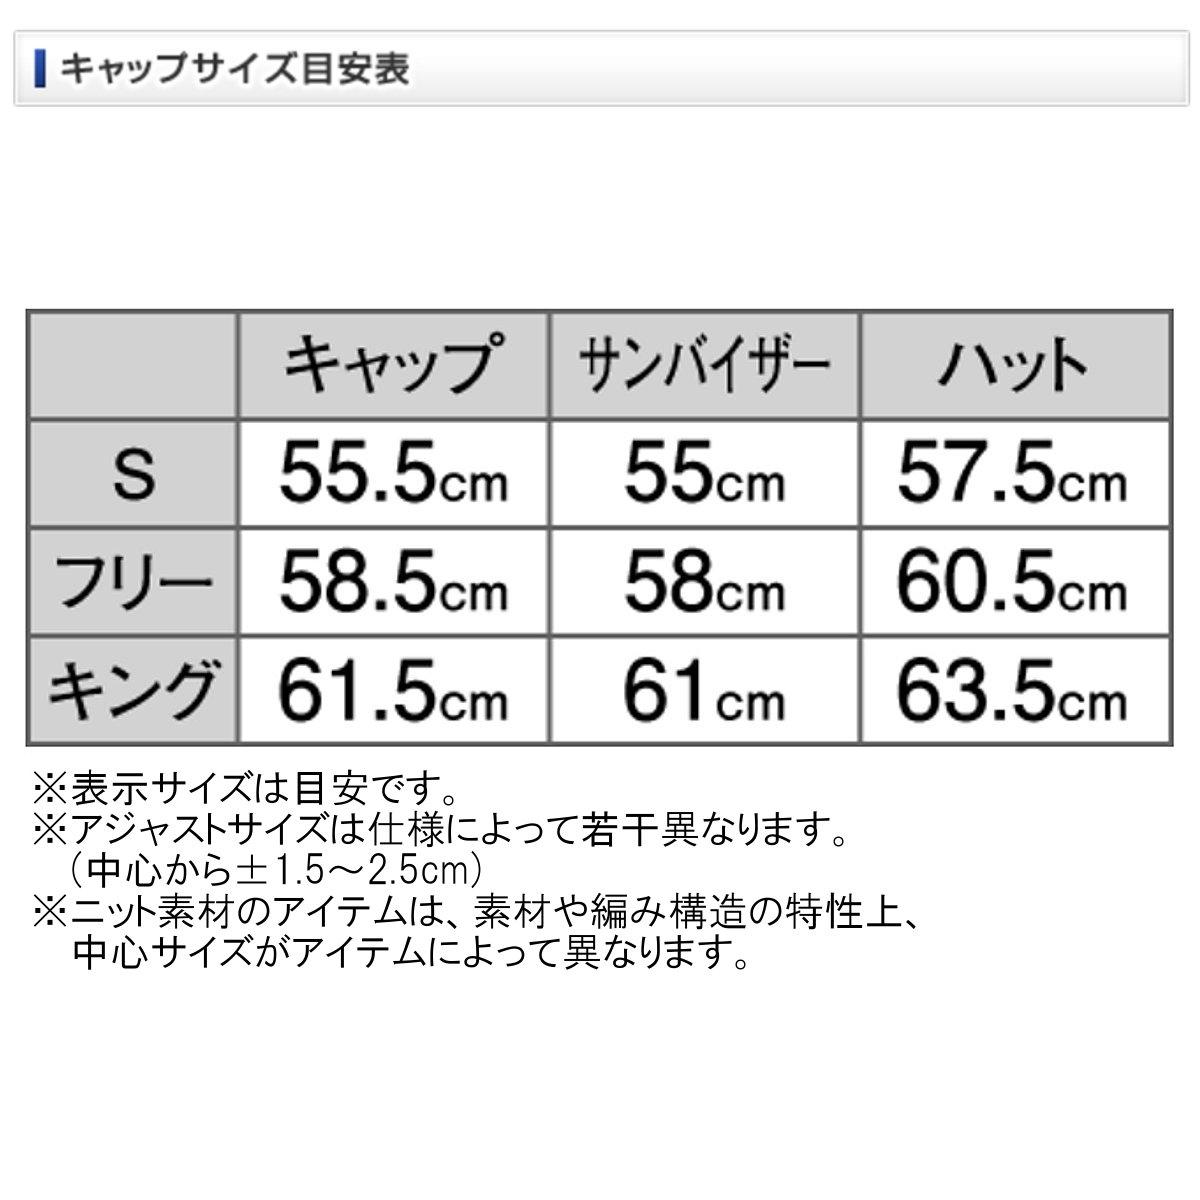 禧玛诺 (SHIMANO) 戈尔特斯雨章有限 PRO (tuvawide 型) CA-110 P 网络有限公司白